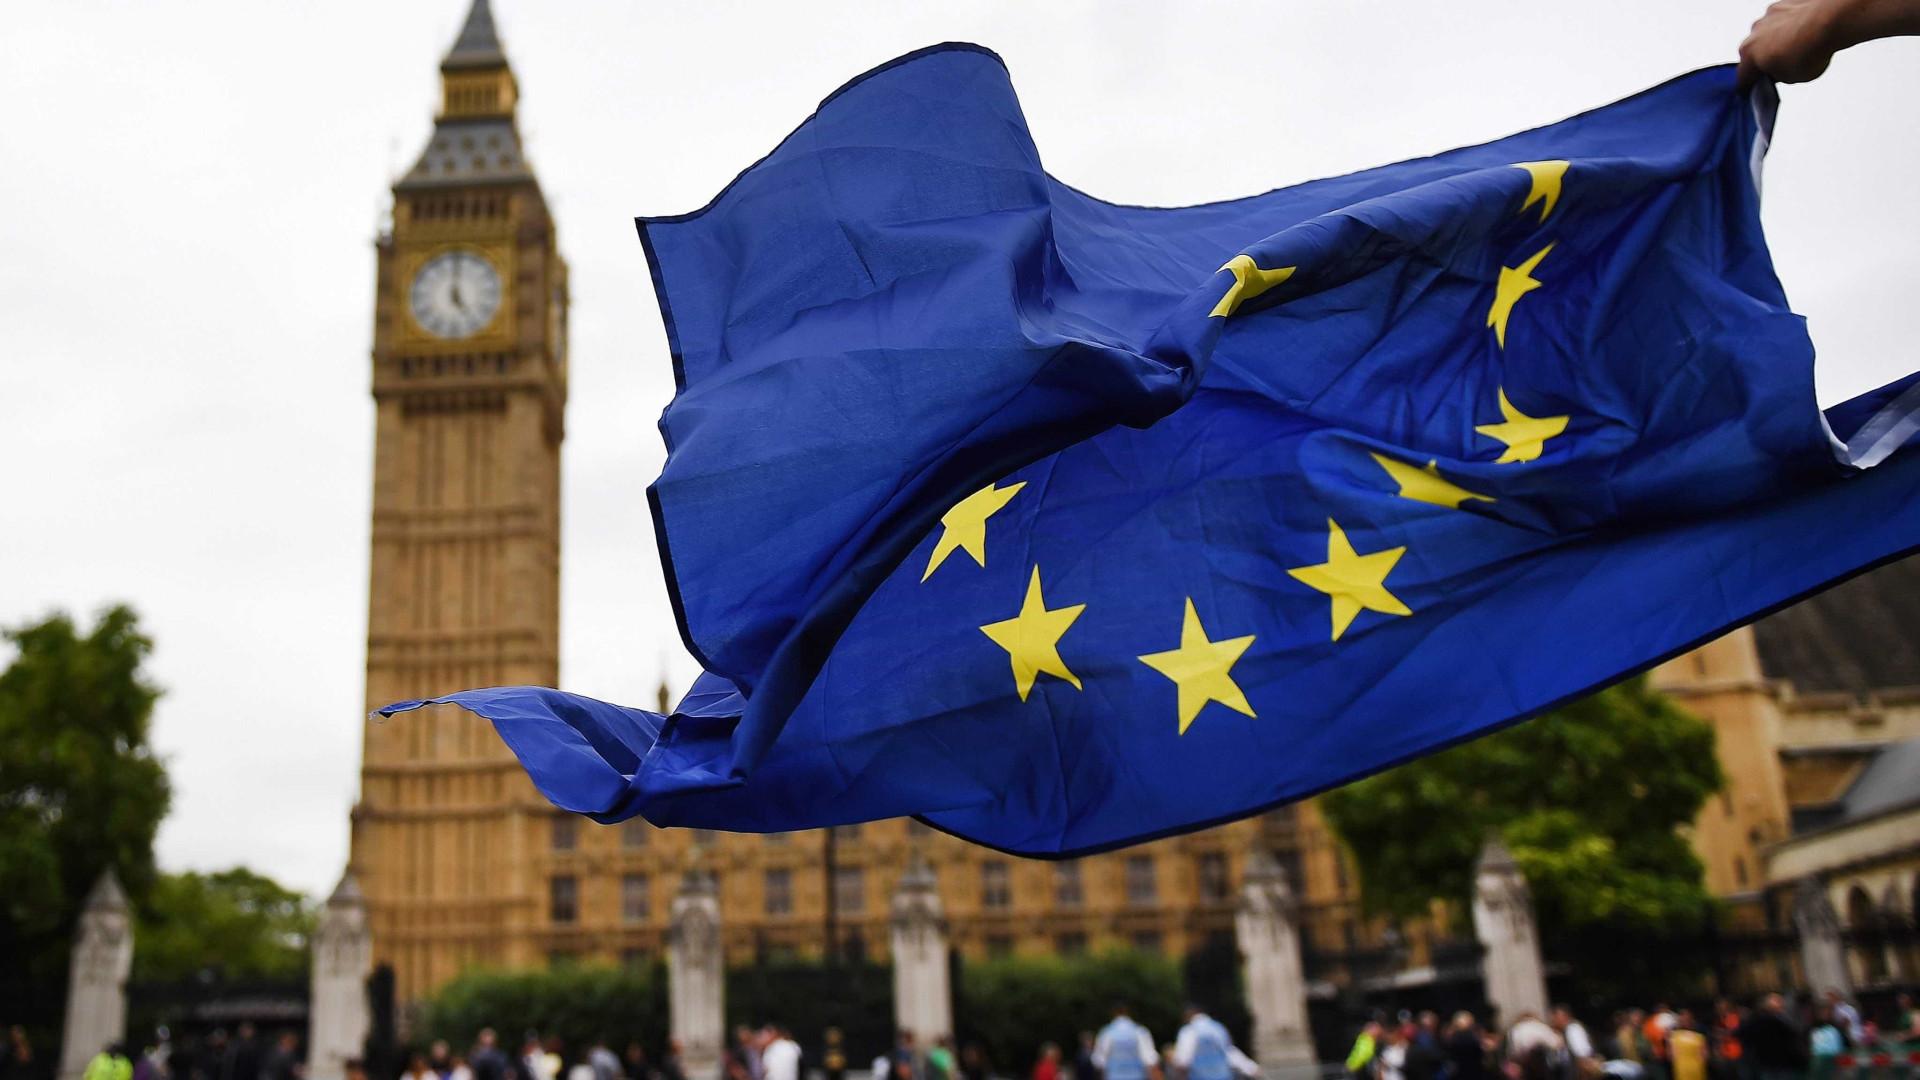 Banco de Inglaterra diz que 'Brexit' já não é principal ameaça